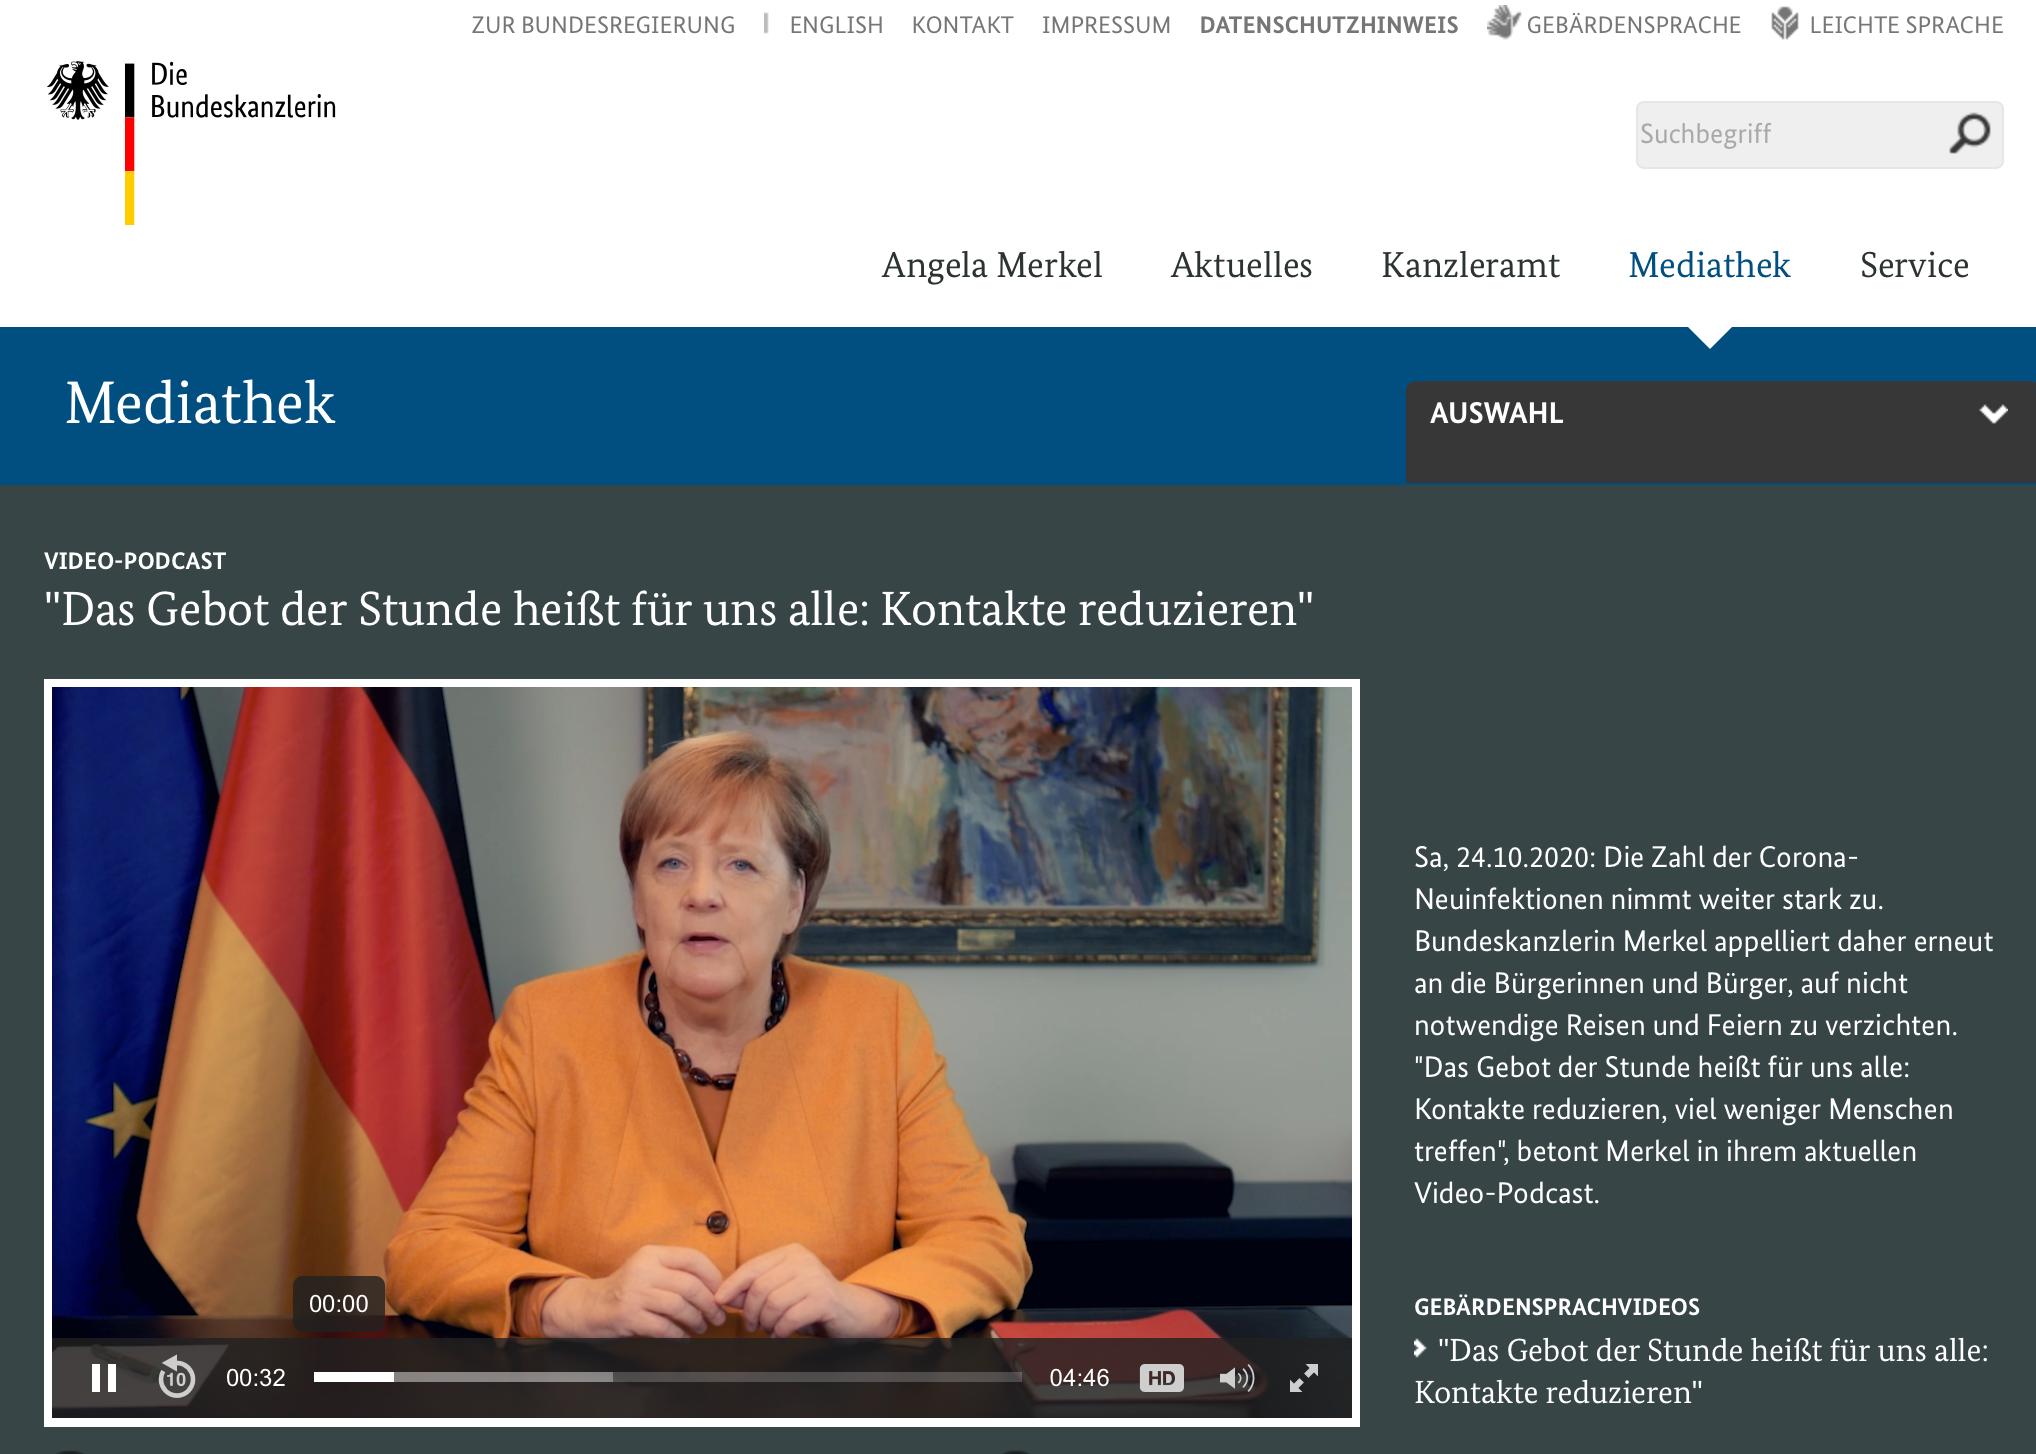 ポッドキャストで人との接触を減らすよう訴えかけるメルケル首相(出典: bundeskanzlerin.de)